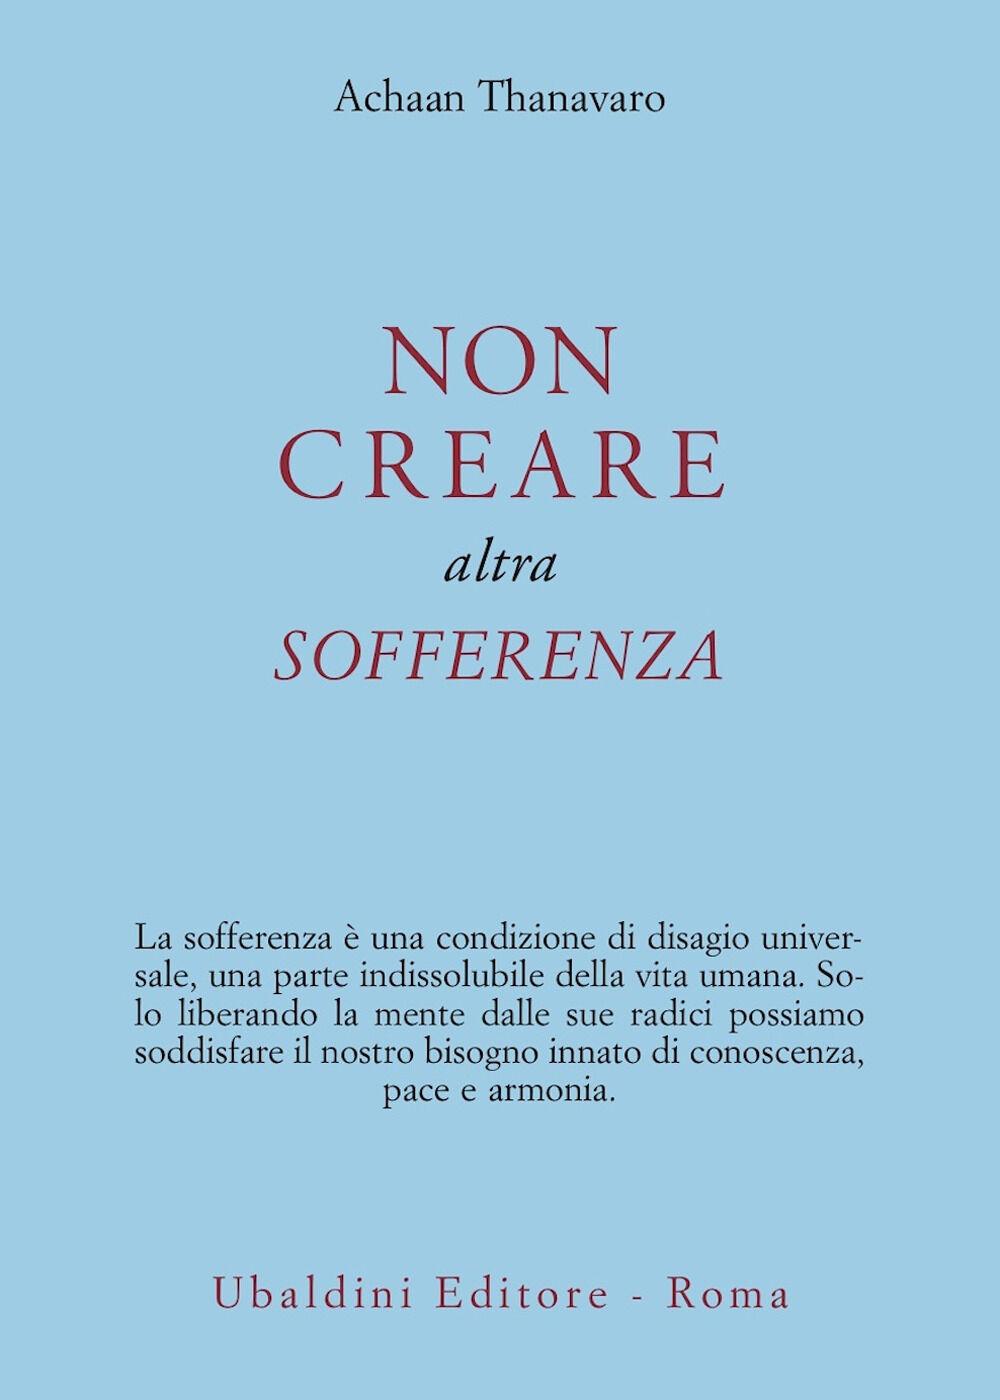 Non creare altra sofferenza